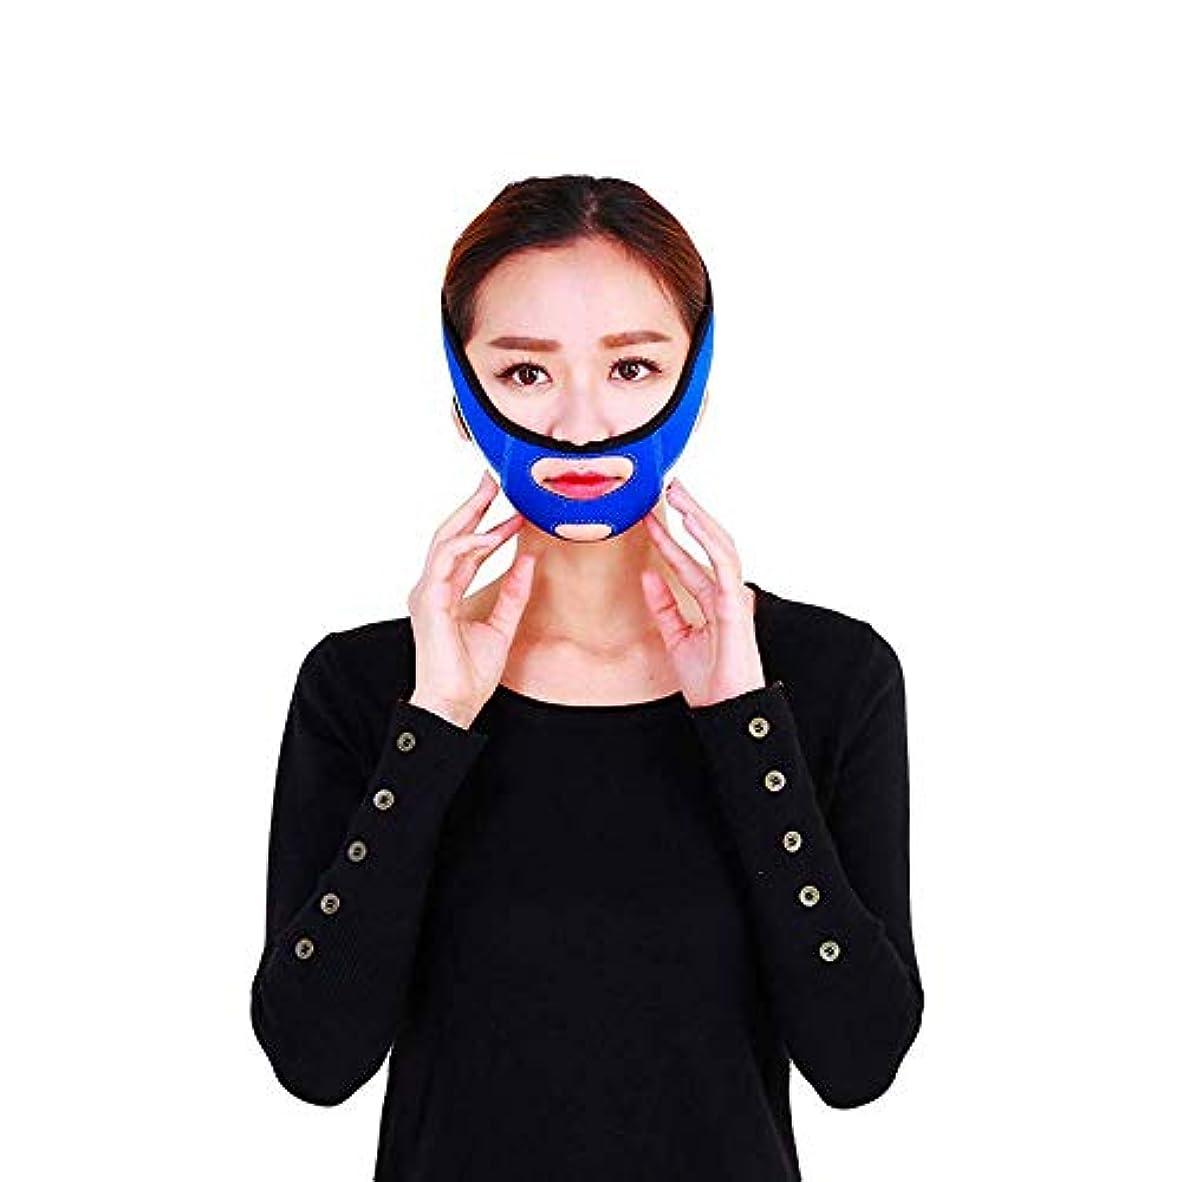 全く委員長禁輸二重顎顔面矯正ツールであるフェースシェイプドマスクVfaceアーチファクトを強力に強化する包帯